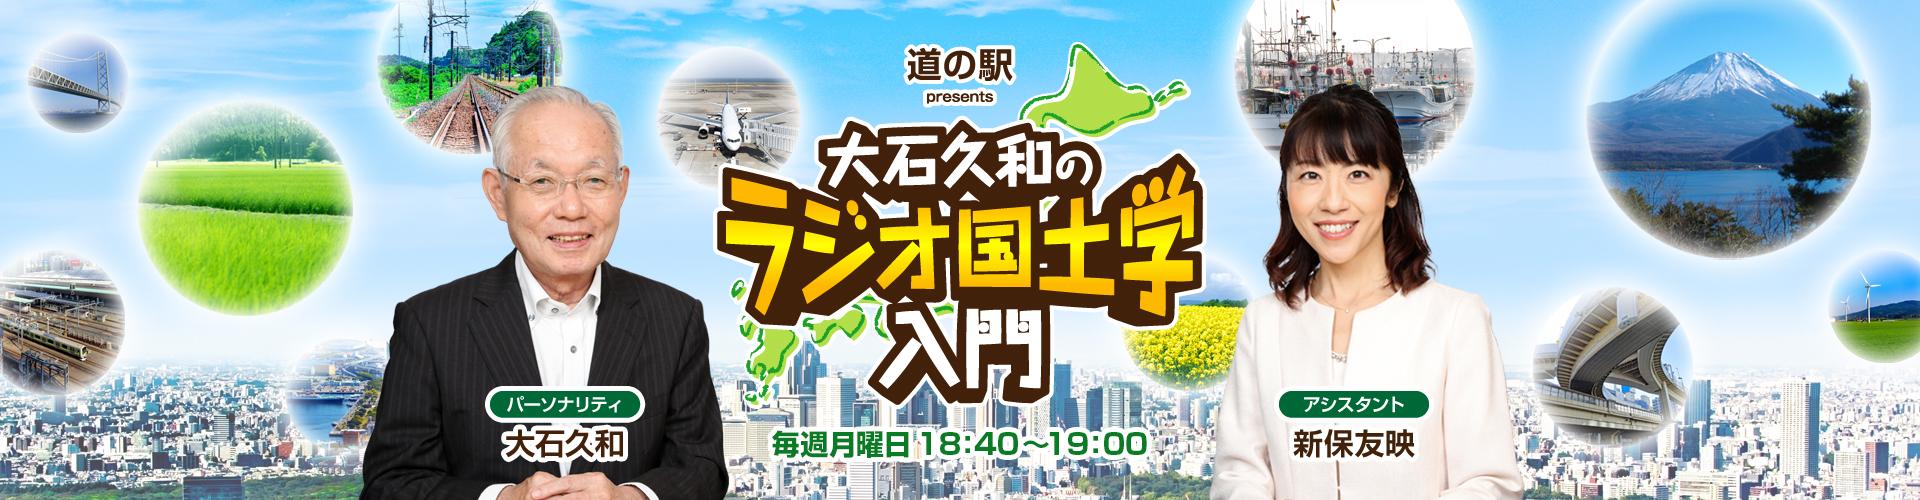 道の駅プレゼンツ 大石久和のラジオ国土学入門 | ニッポン放送 ラジオAM1242+FM93